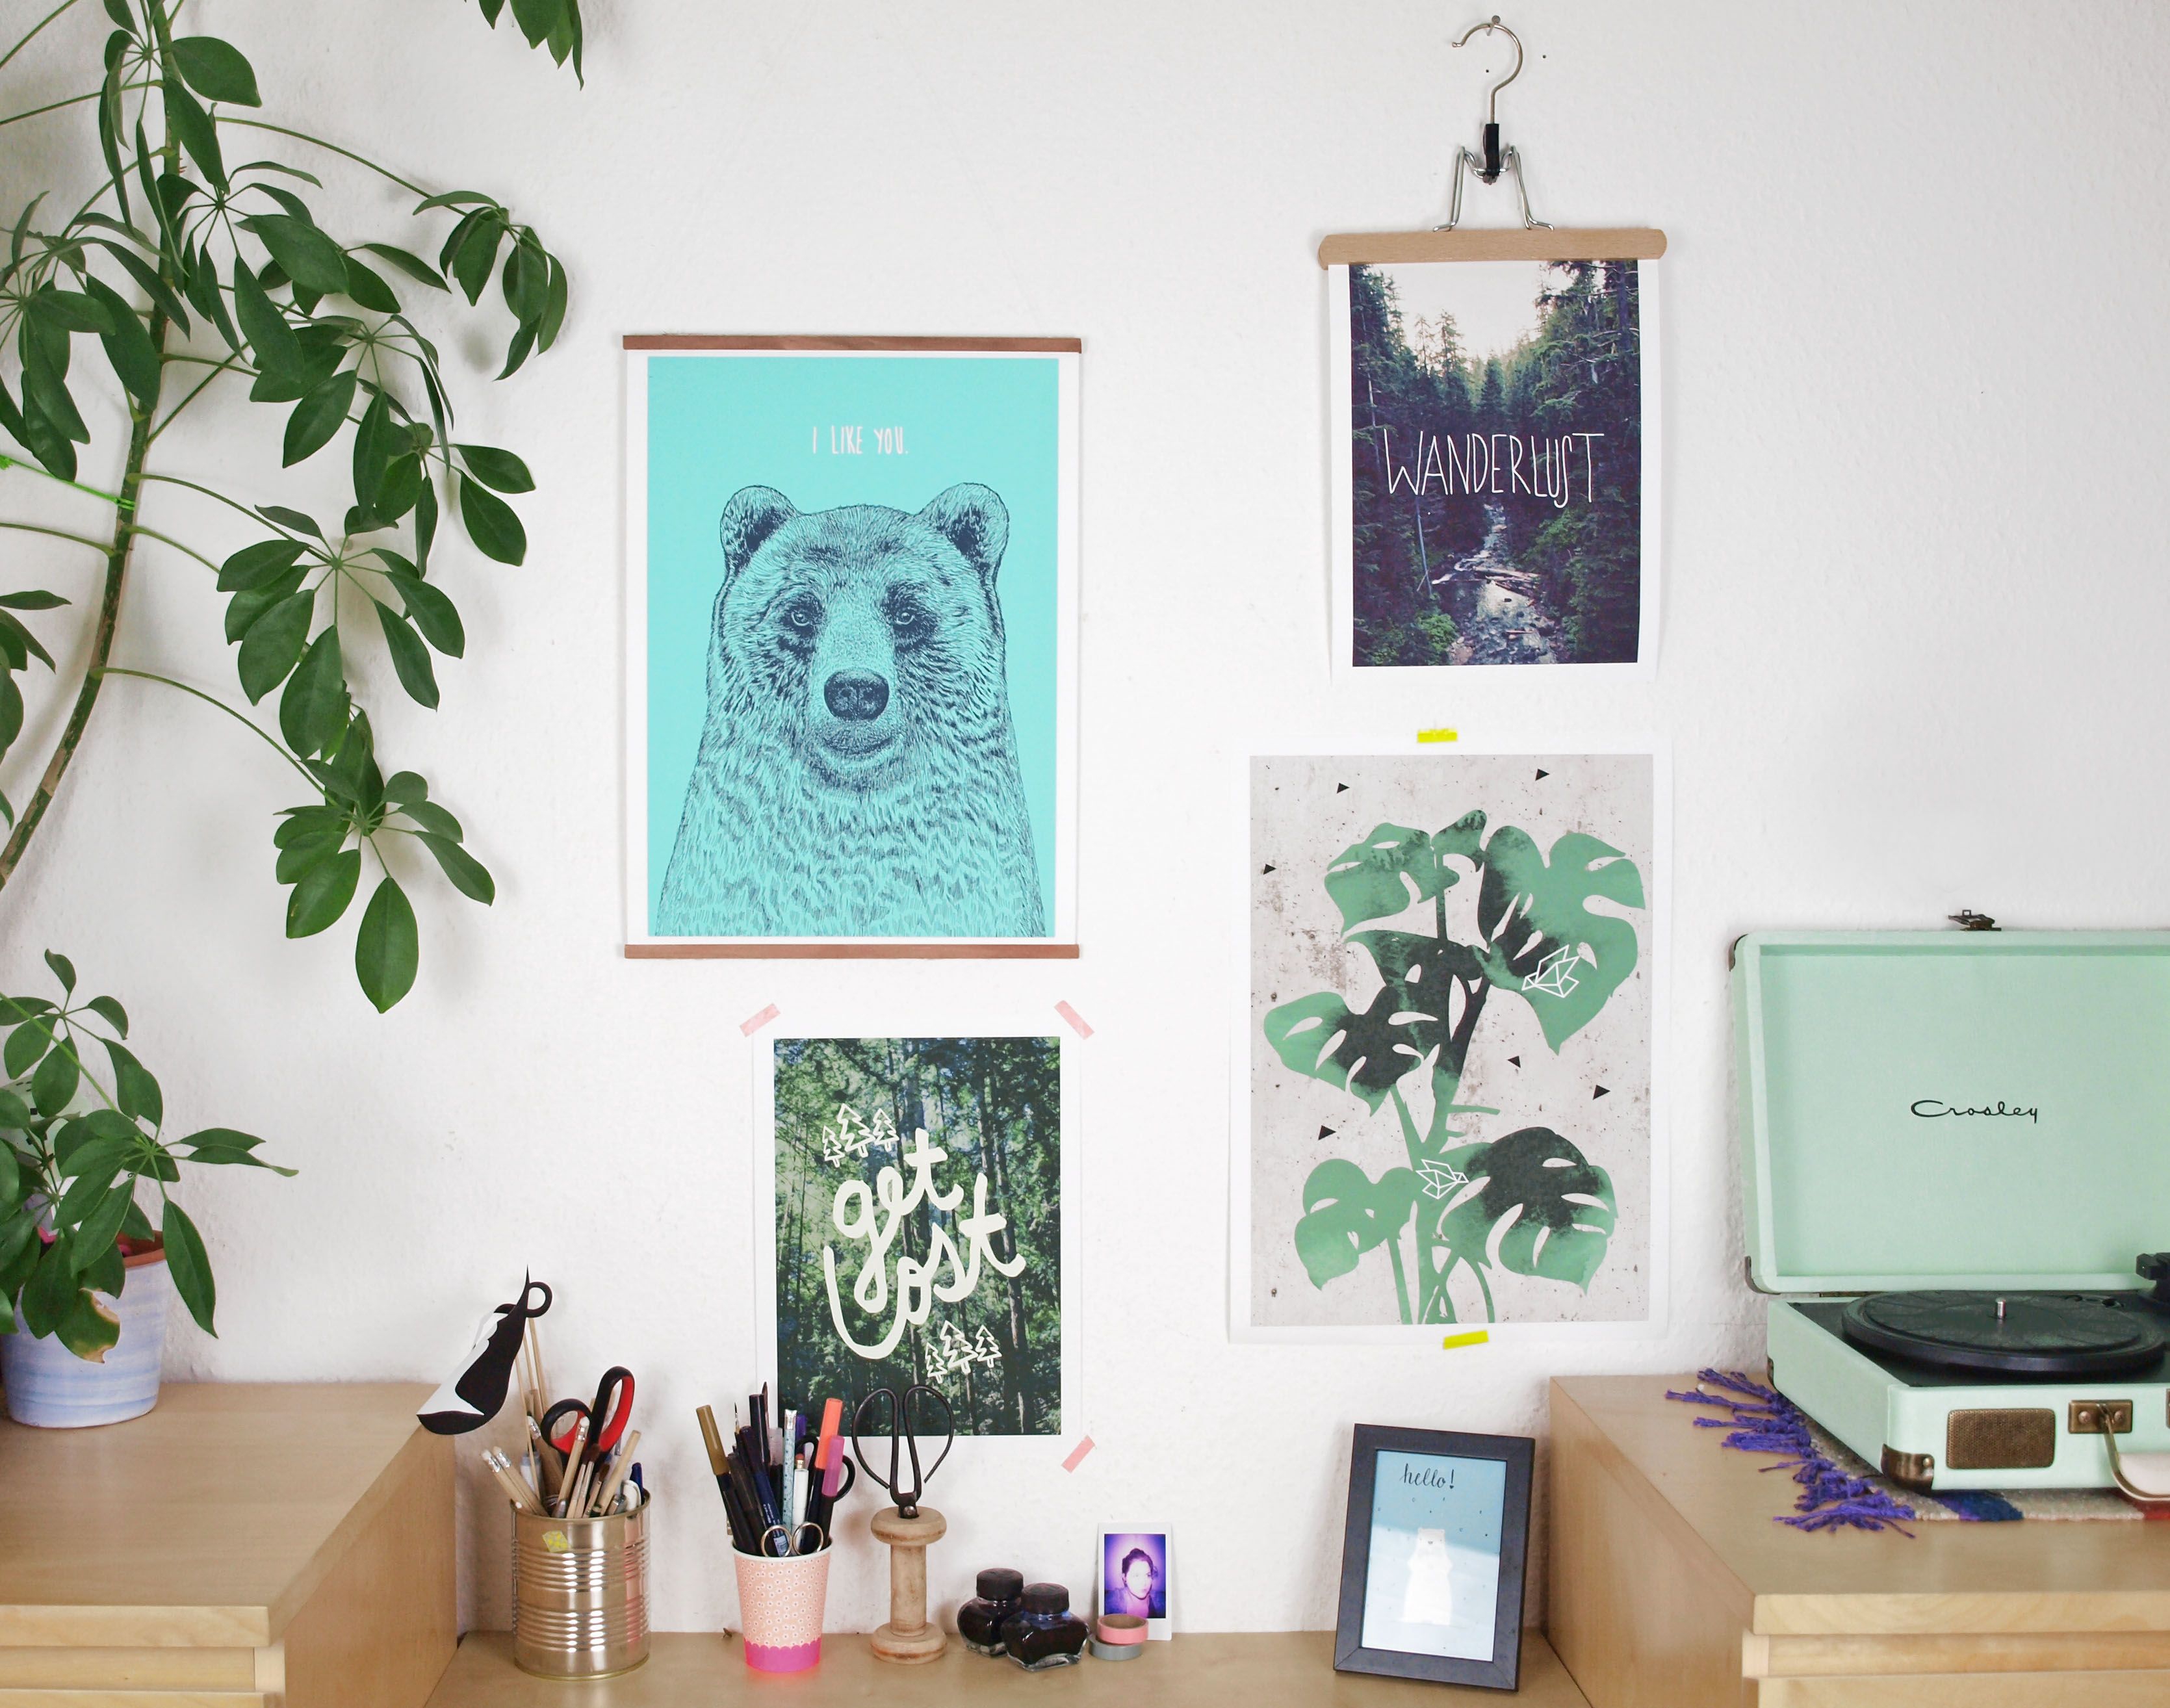 Diy Alternativen Zum Bilderrahmen Poster Originell Aufhängen Posteraufhängung Bilderrahmen Bilderrahmen Aufhängen